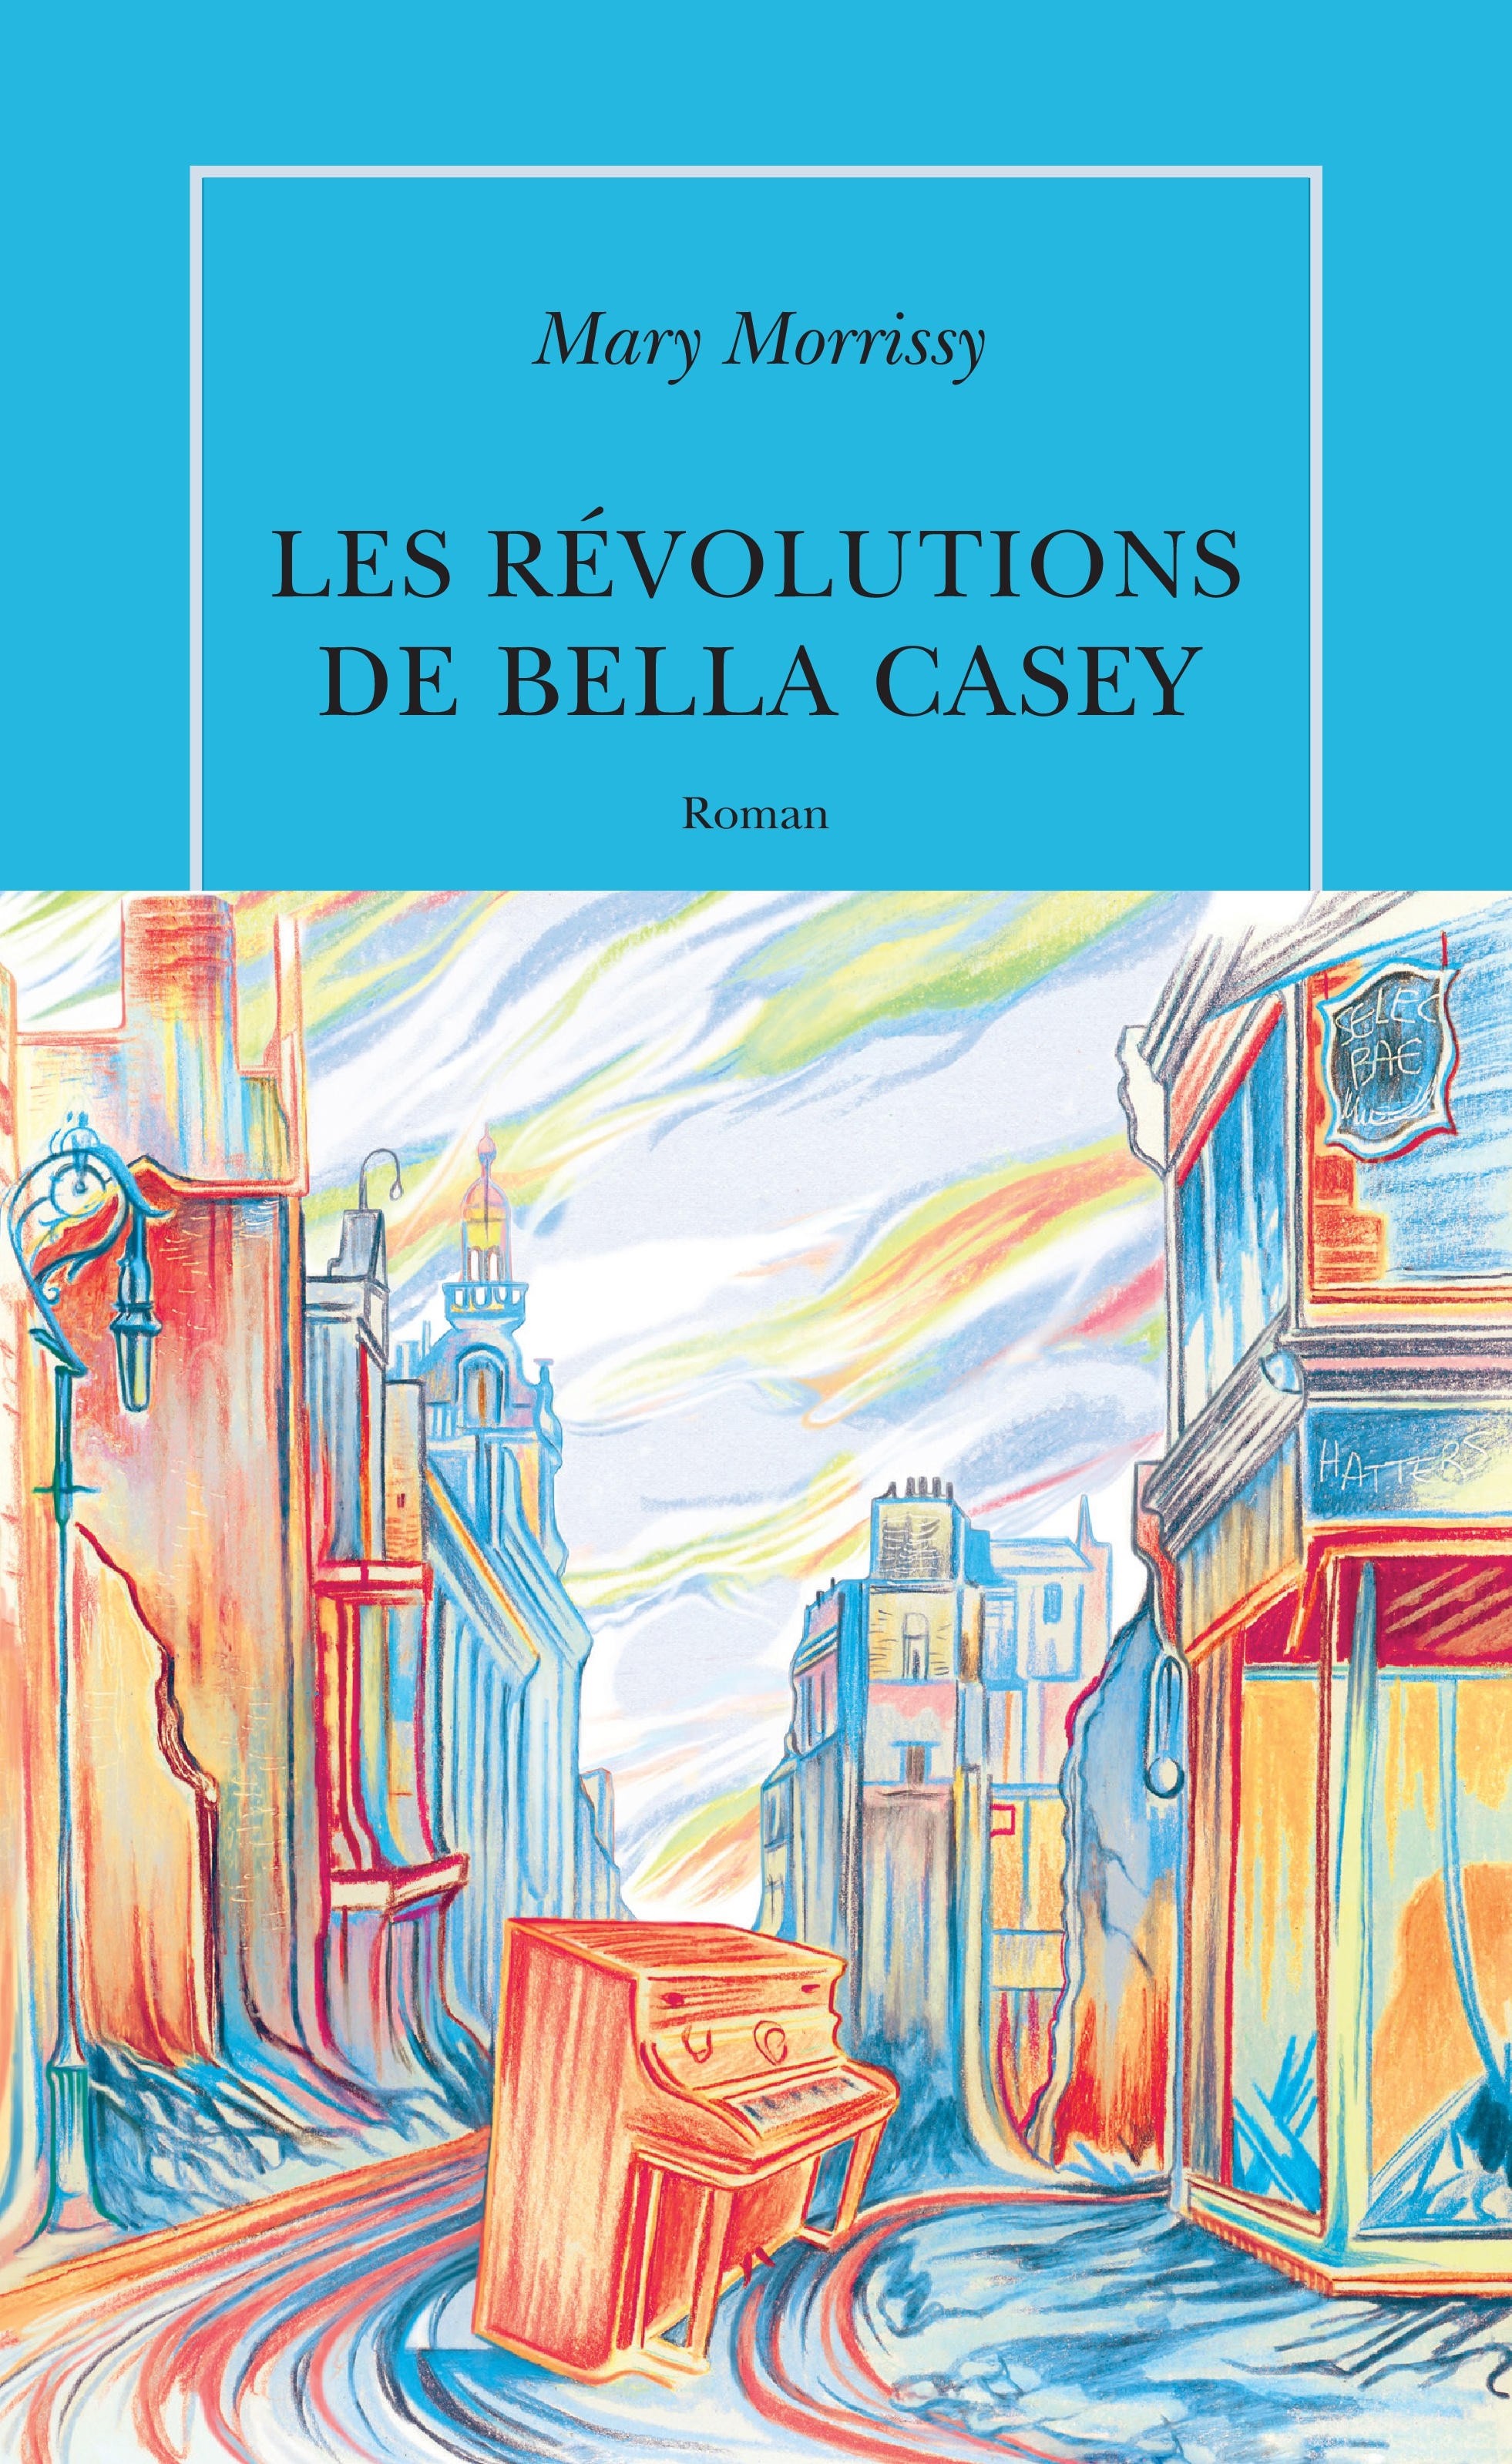 Les Révolutions de Bella Casey